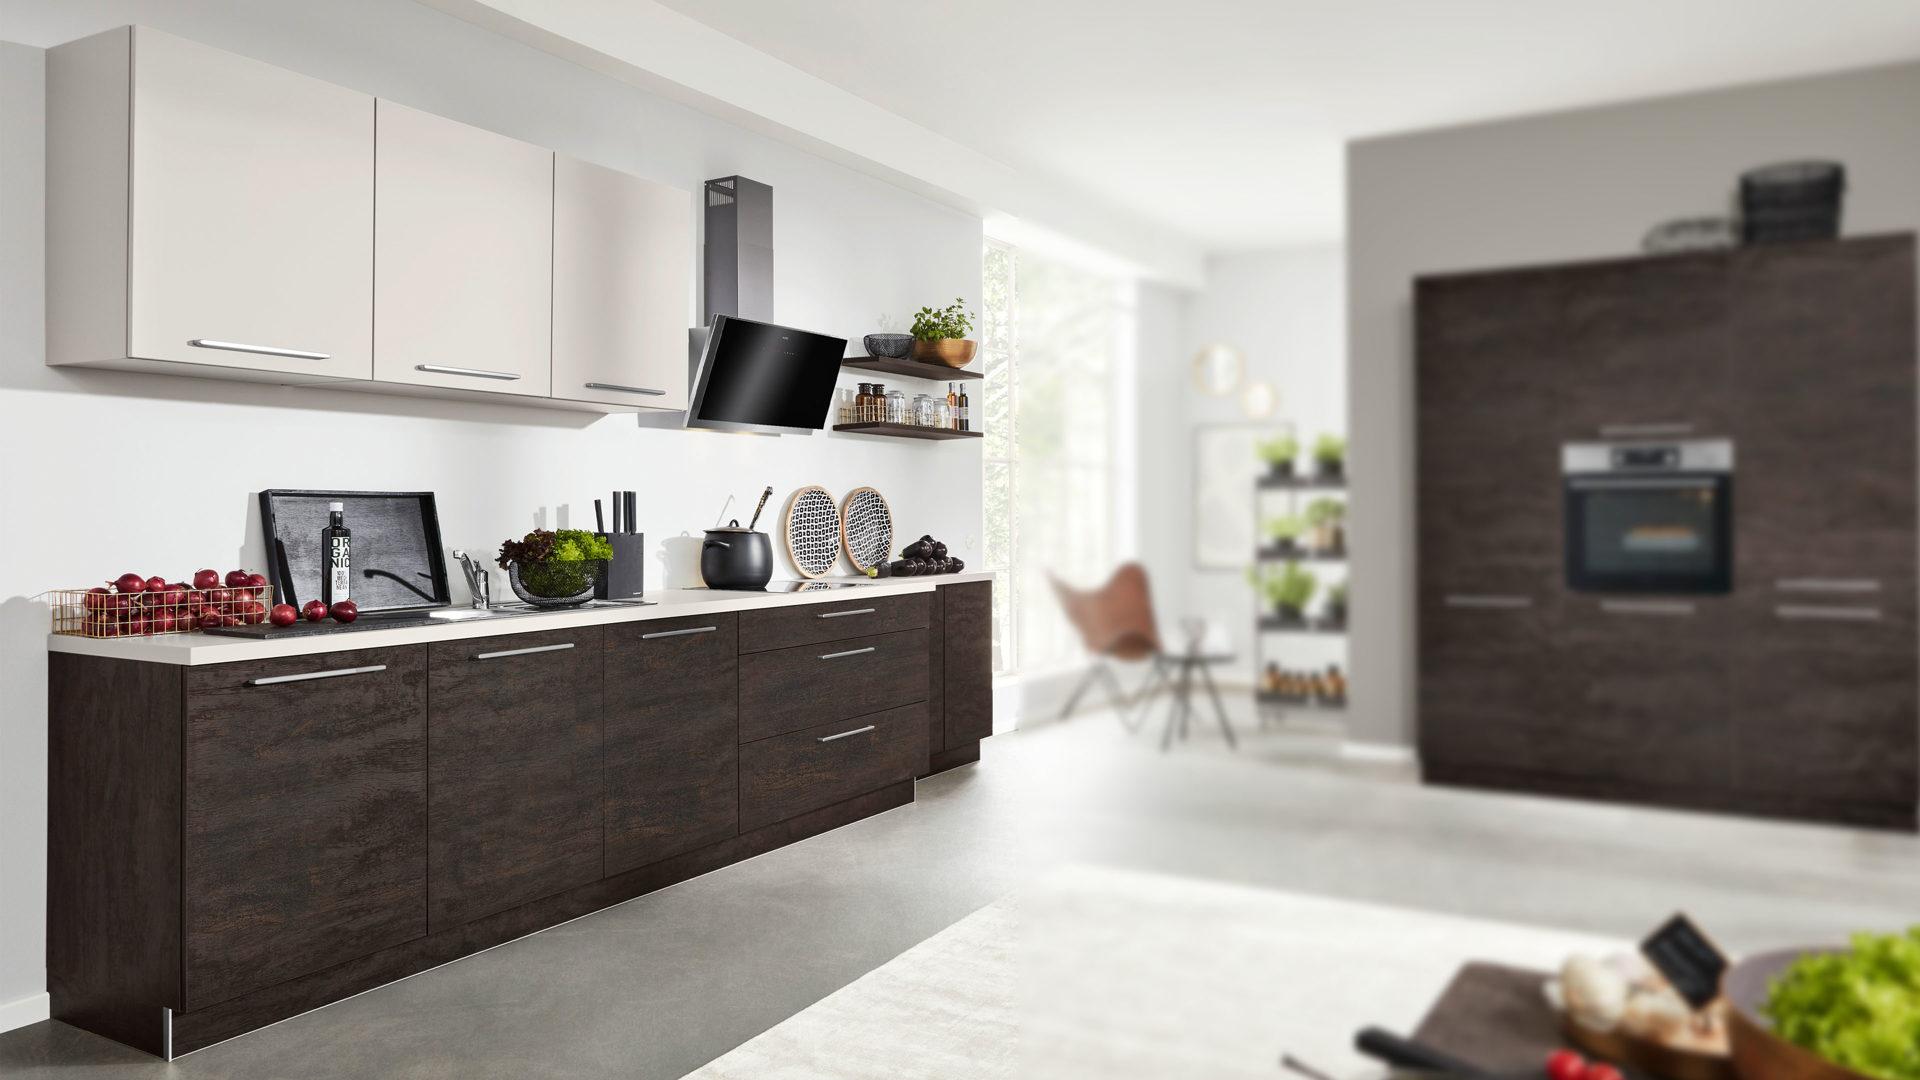 Interliving Küche Serie 19 mit AEG Einbaugeräten